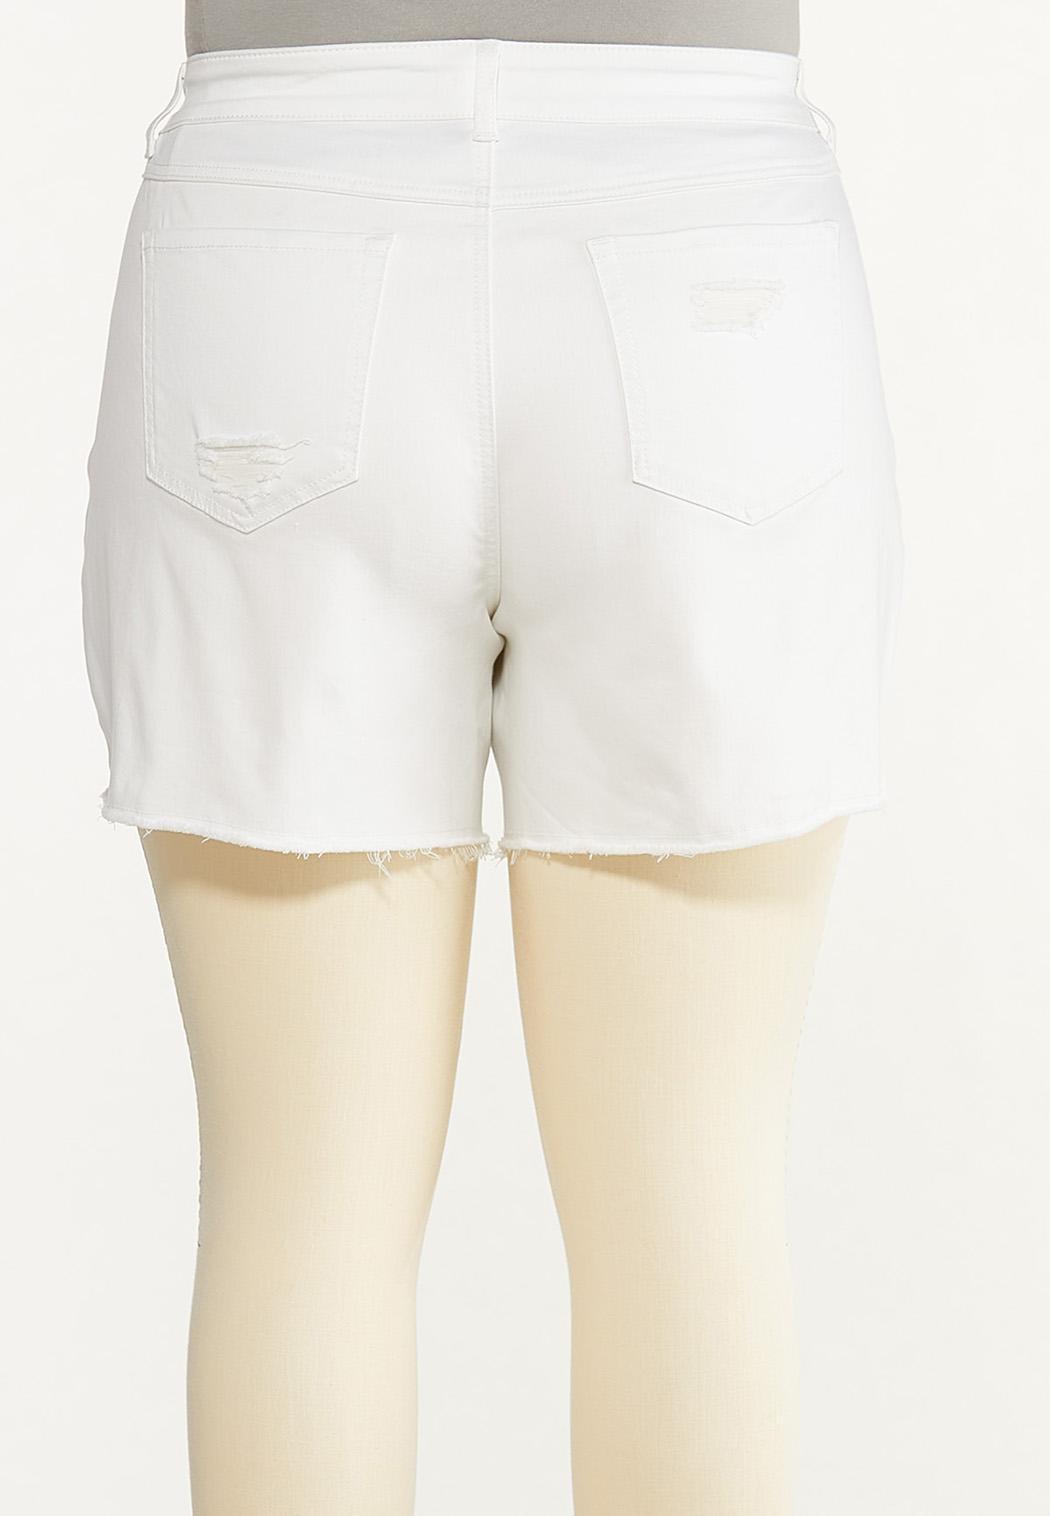 Plus Size Hint Of Eyelet Denim Shorts (Item #44596605)